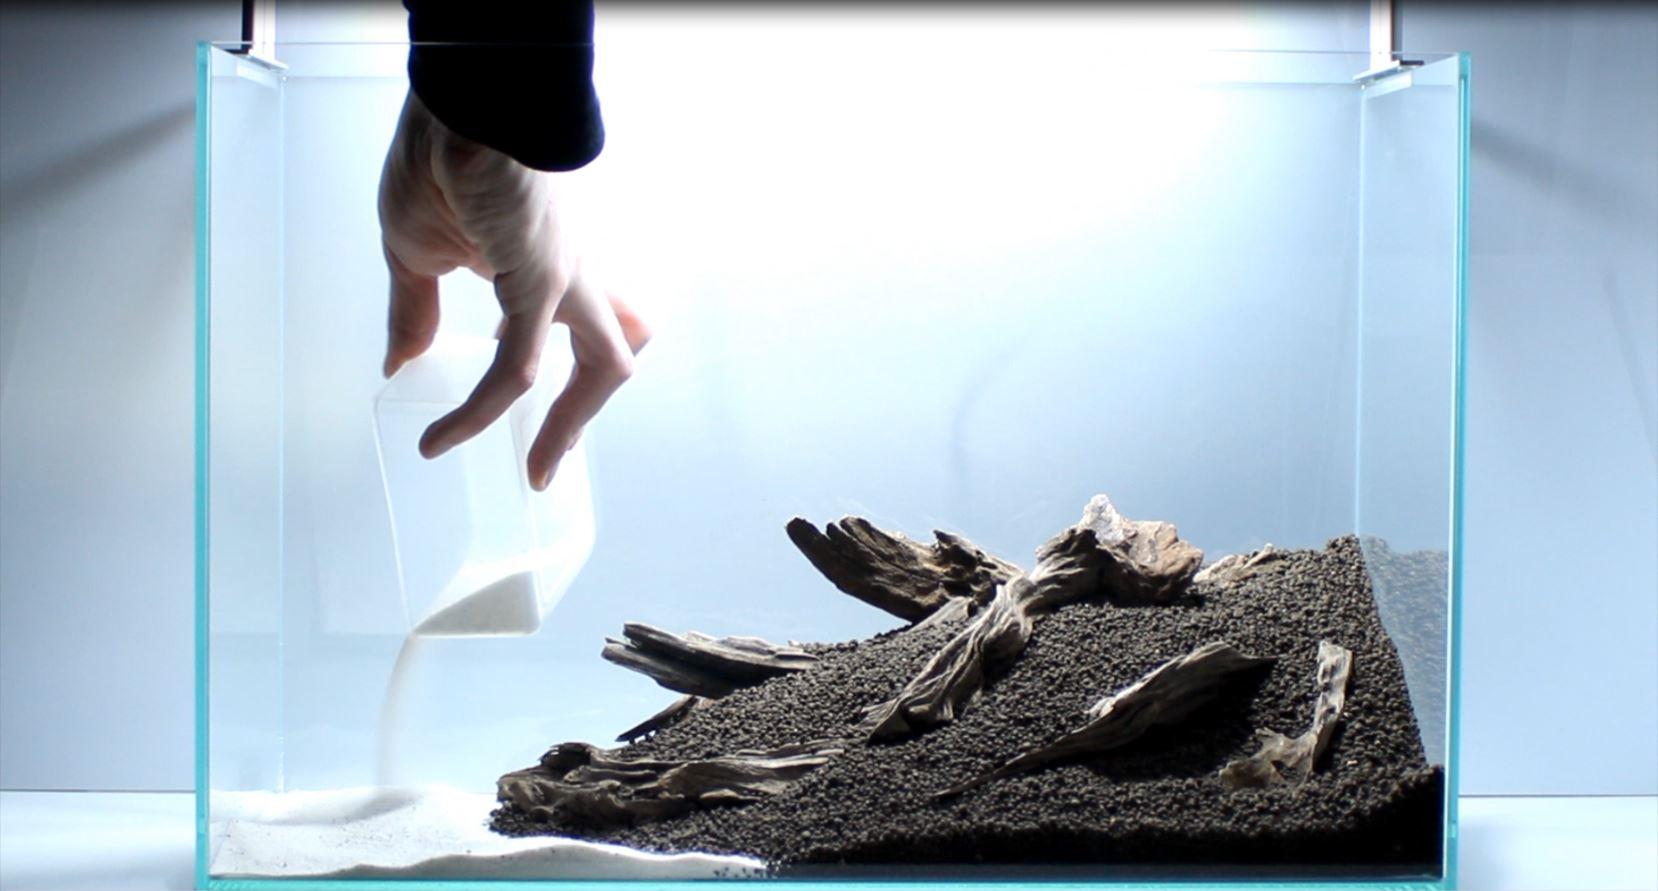 Sand im Vordergrund des Aquascaping